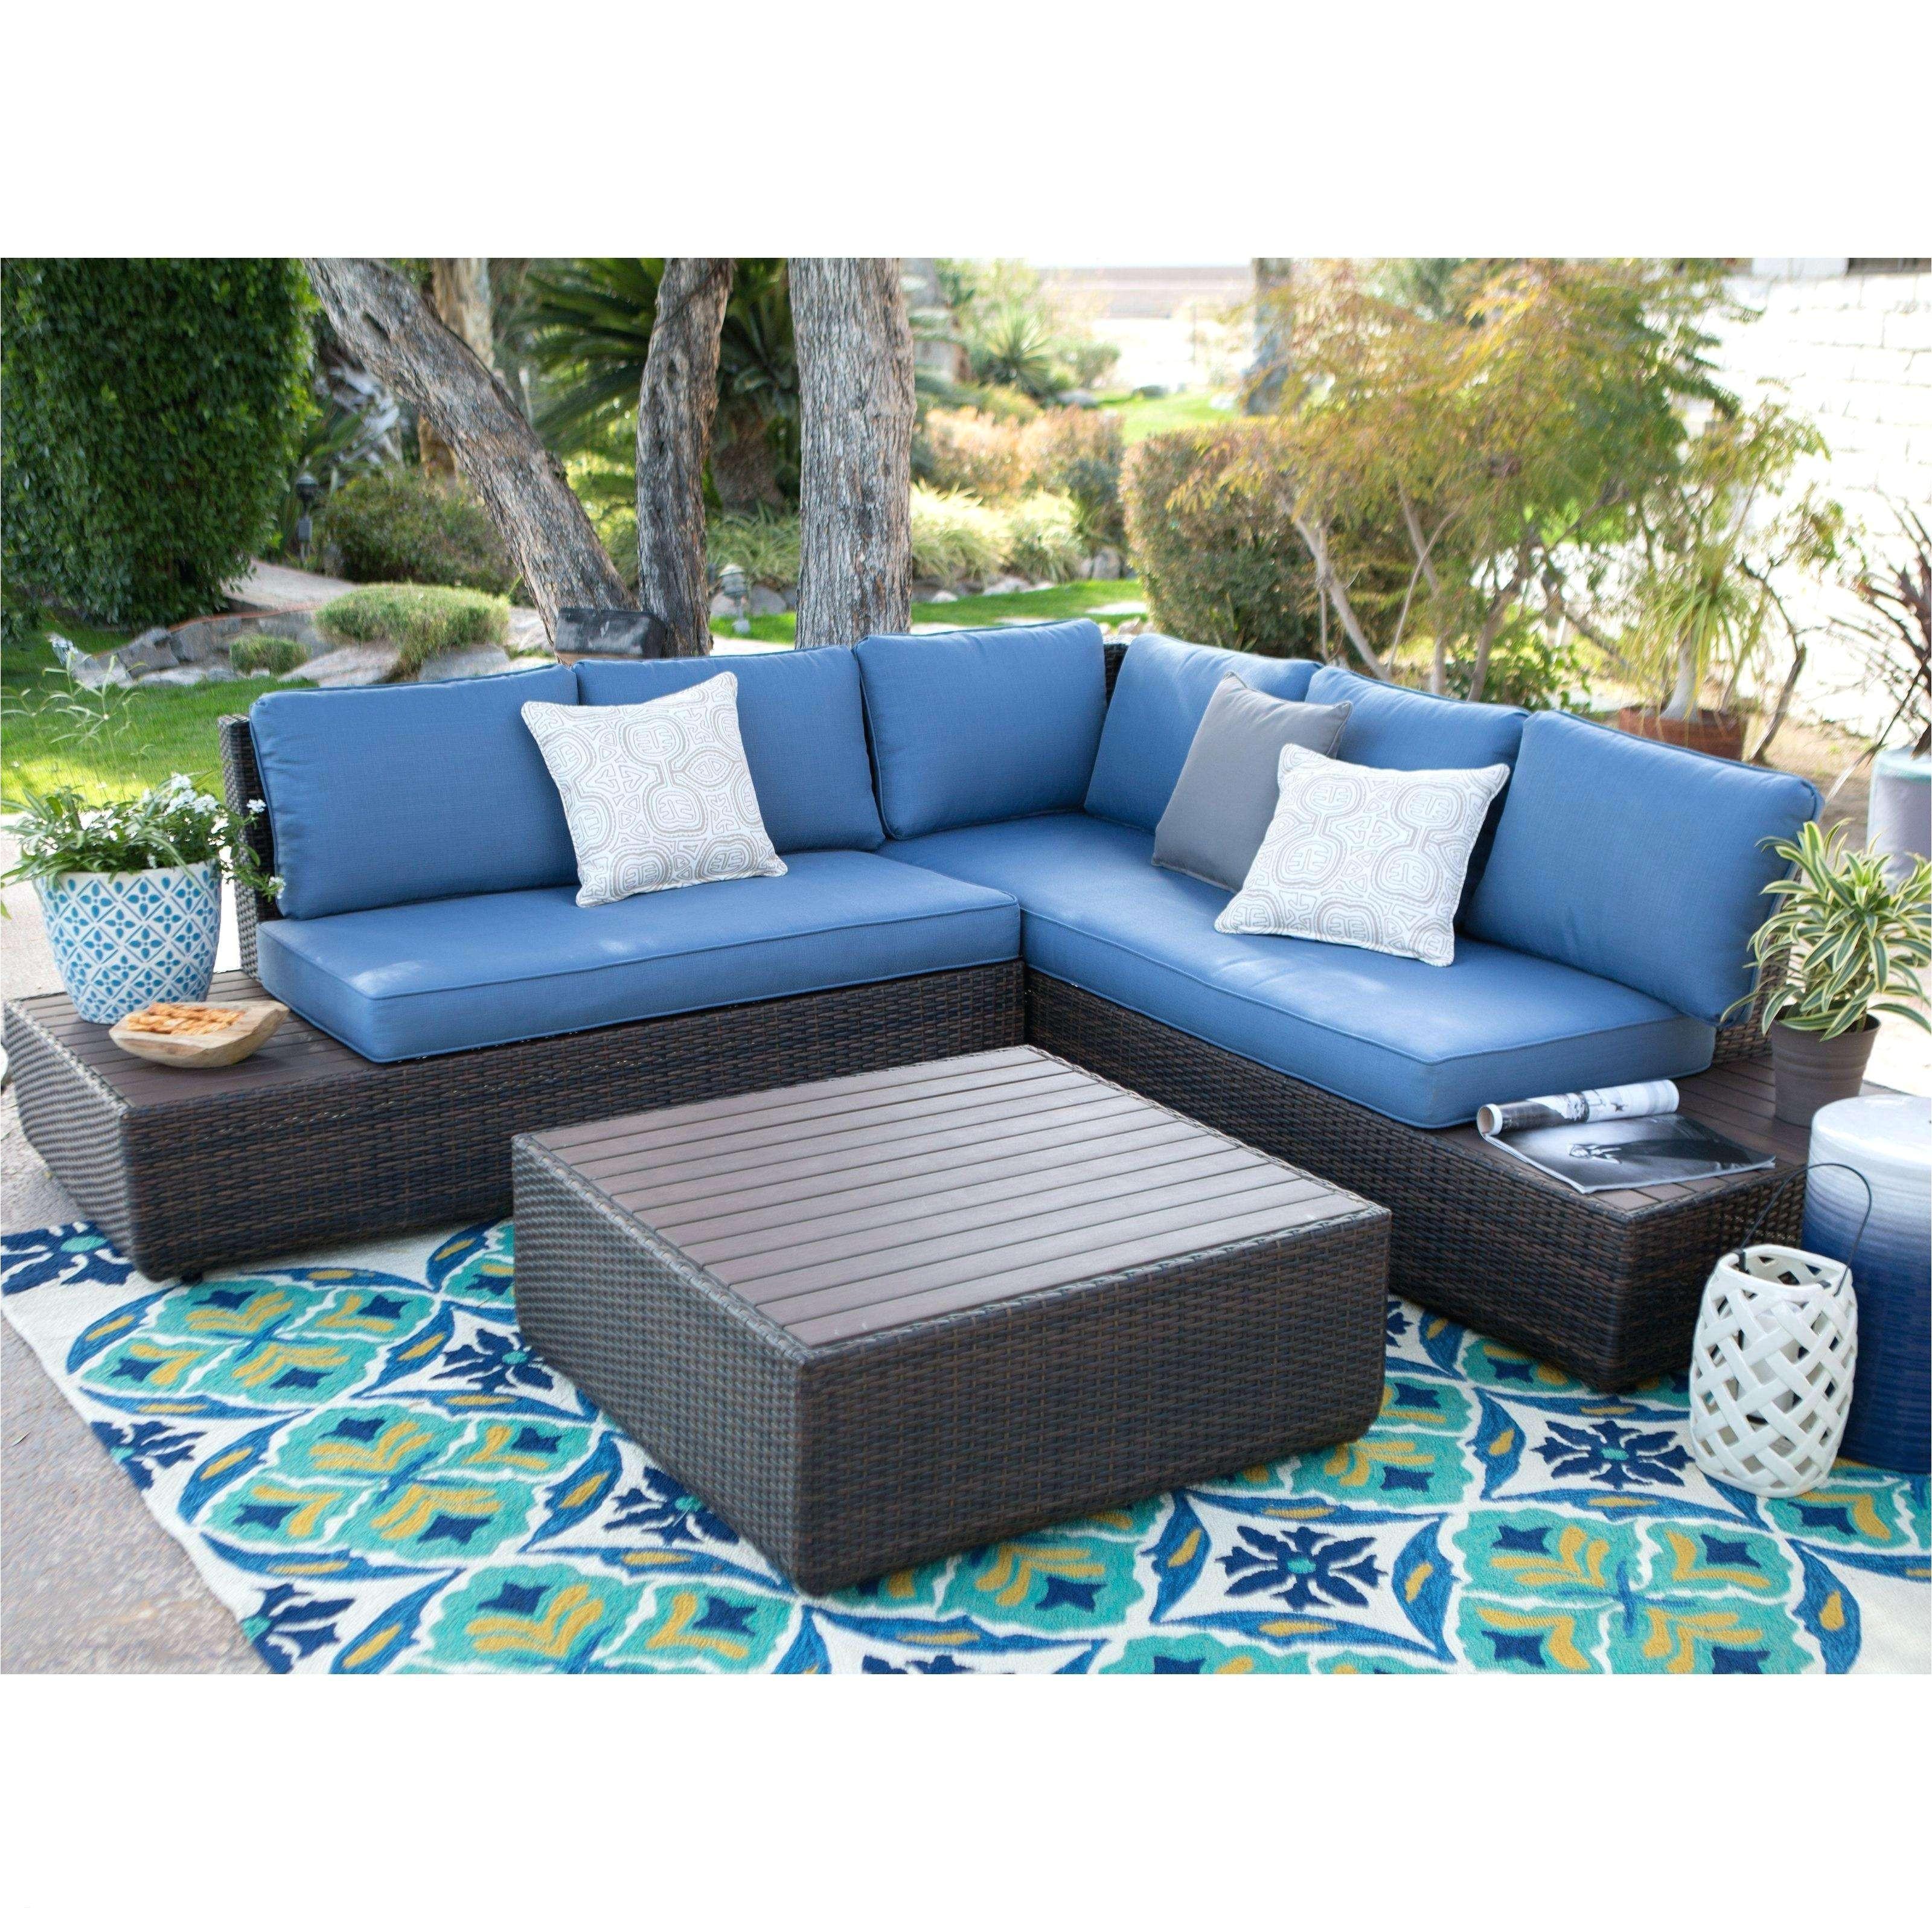 diy outdoor ideas awesome diy patio popular diy patio lovely wicker outdoor sofa 0d patio